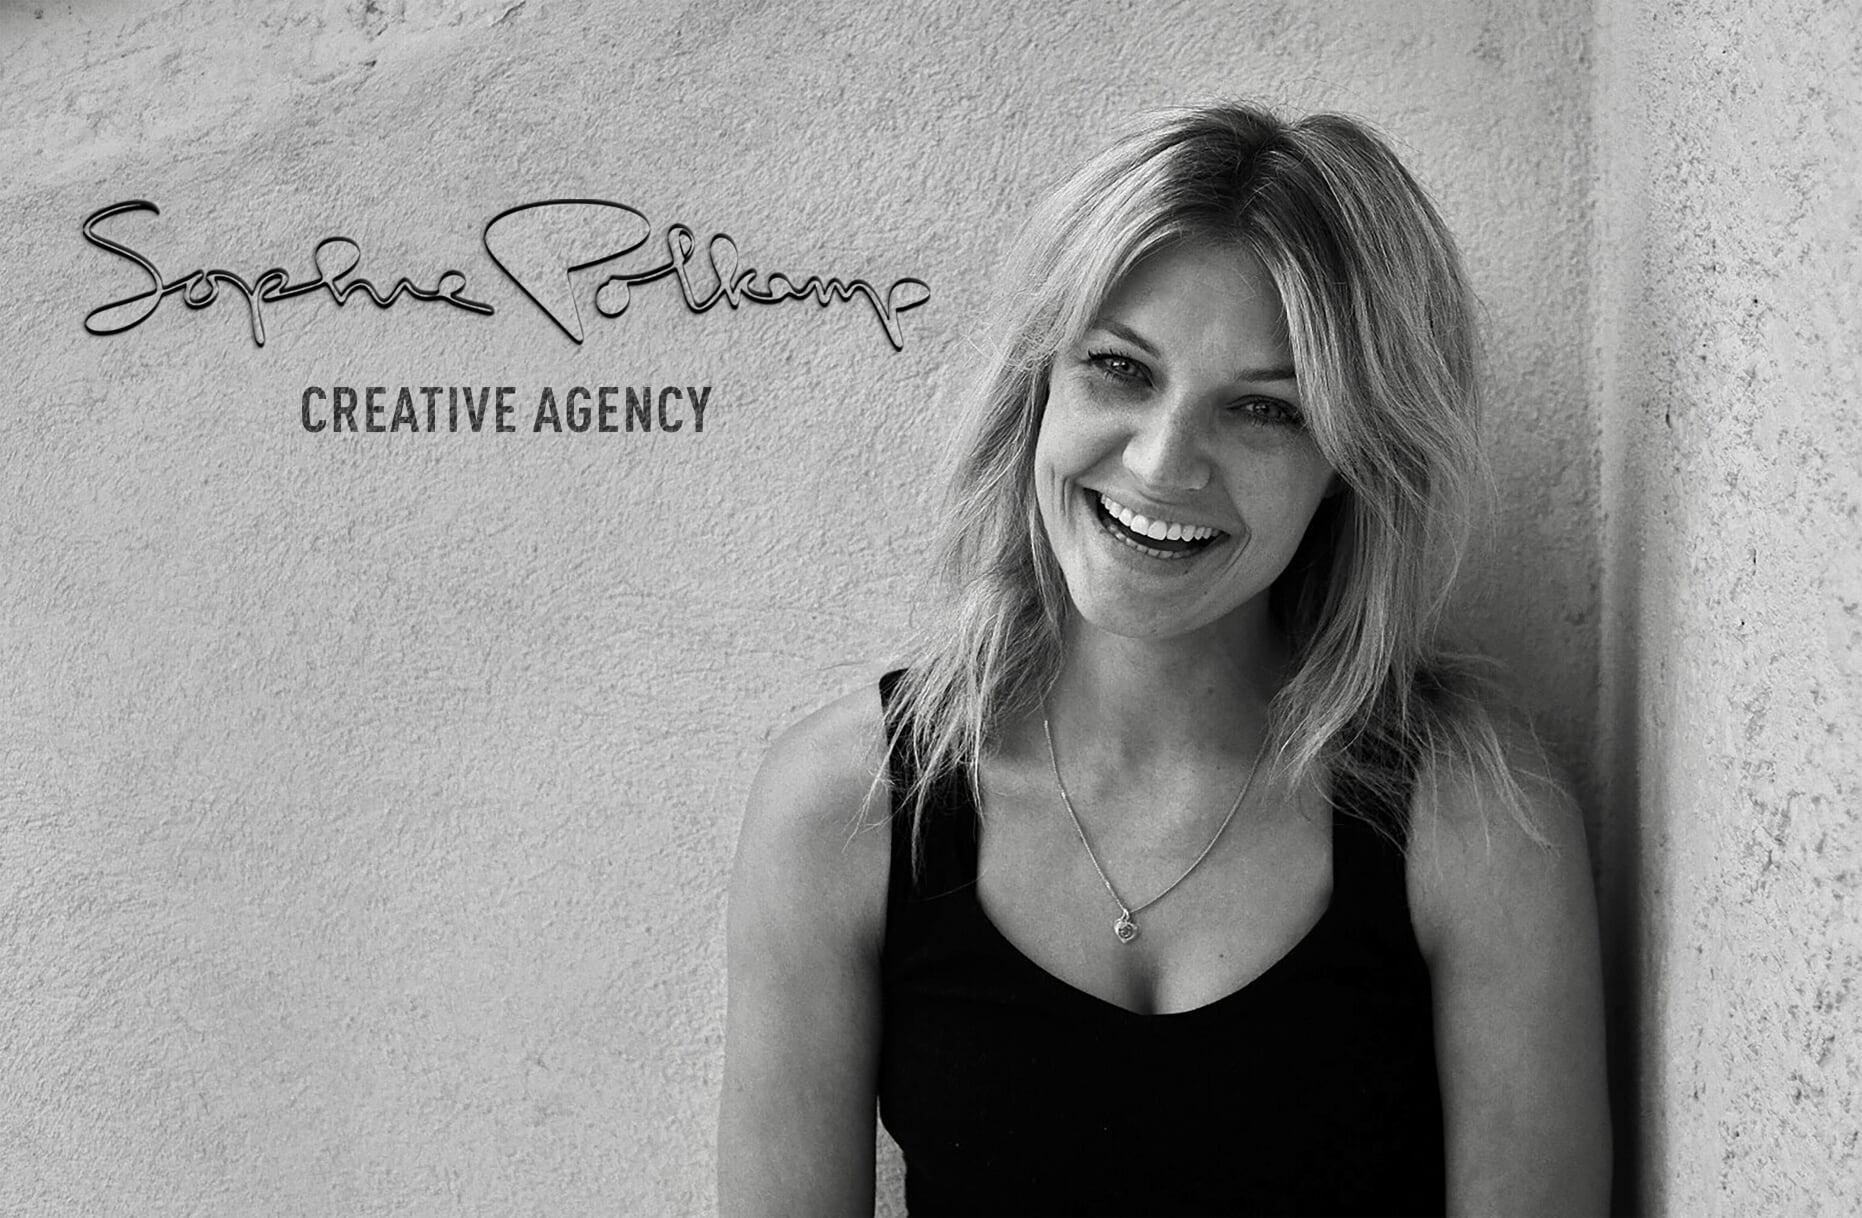 Terug van weg geweest: Sophie Polkamp lanceert haar nieuwe bedrijf in de wereld van design